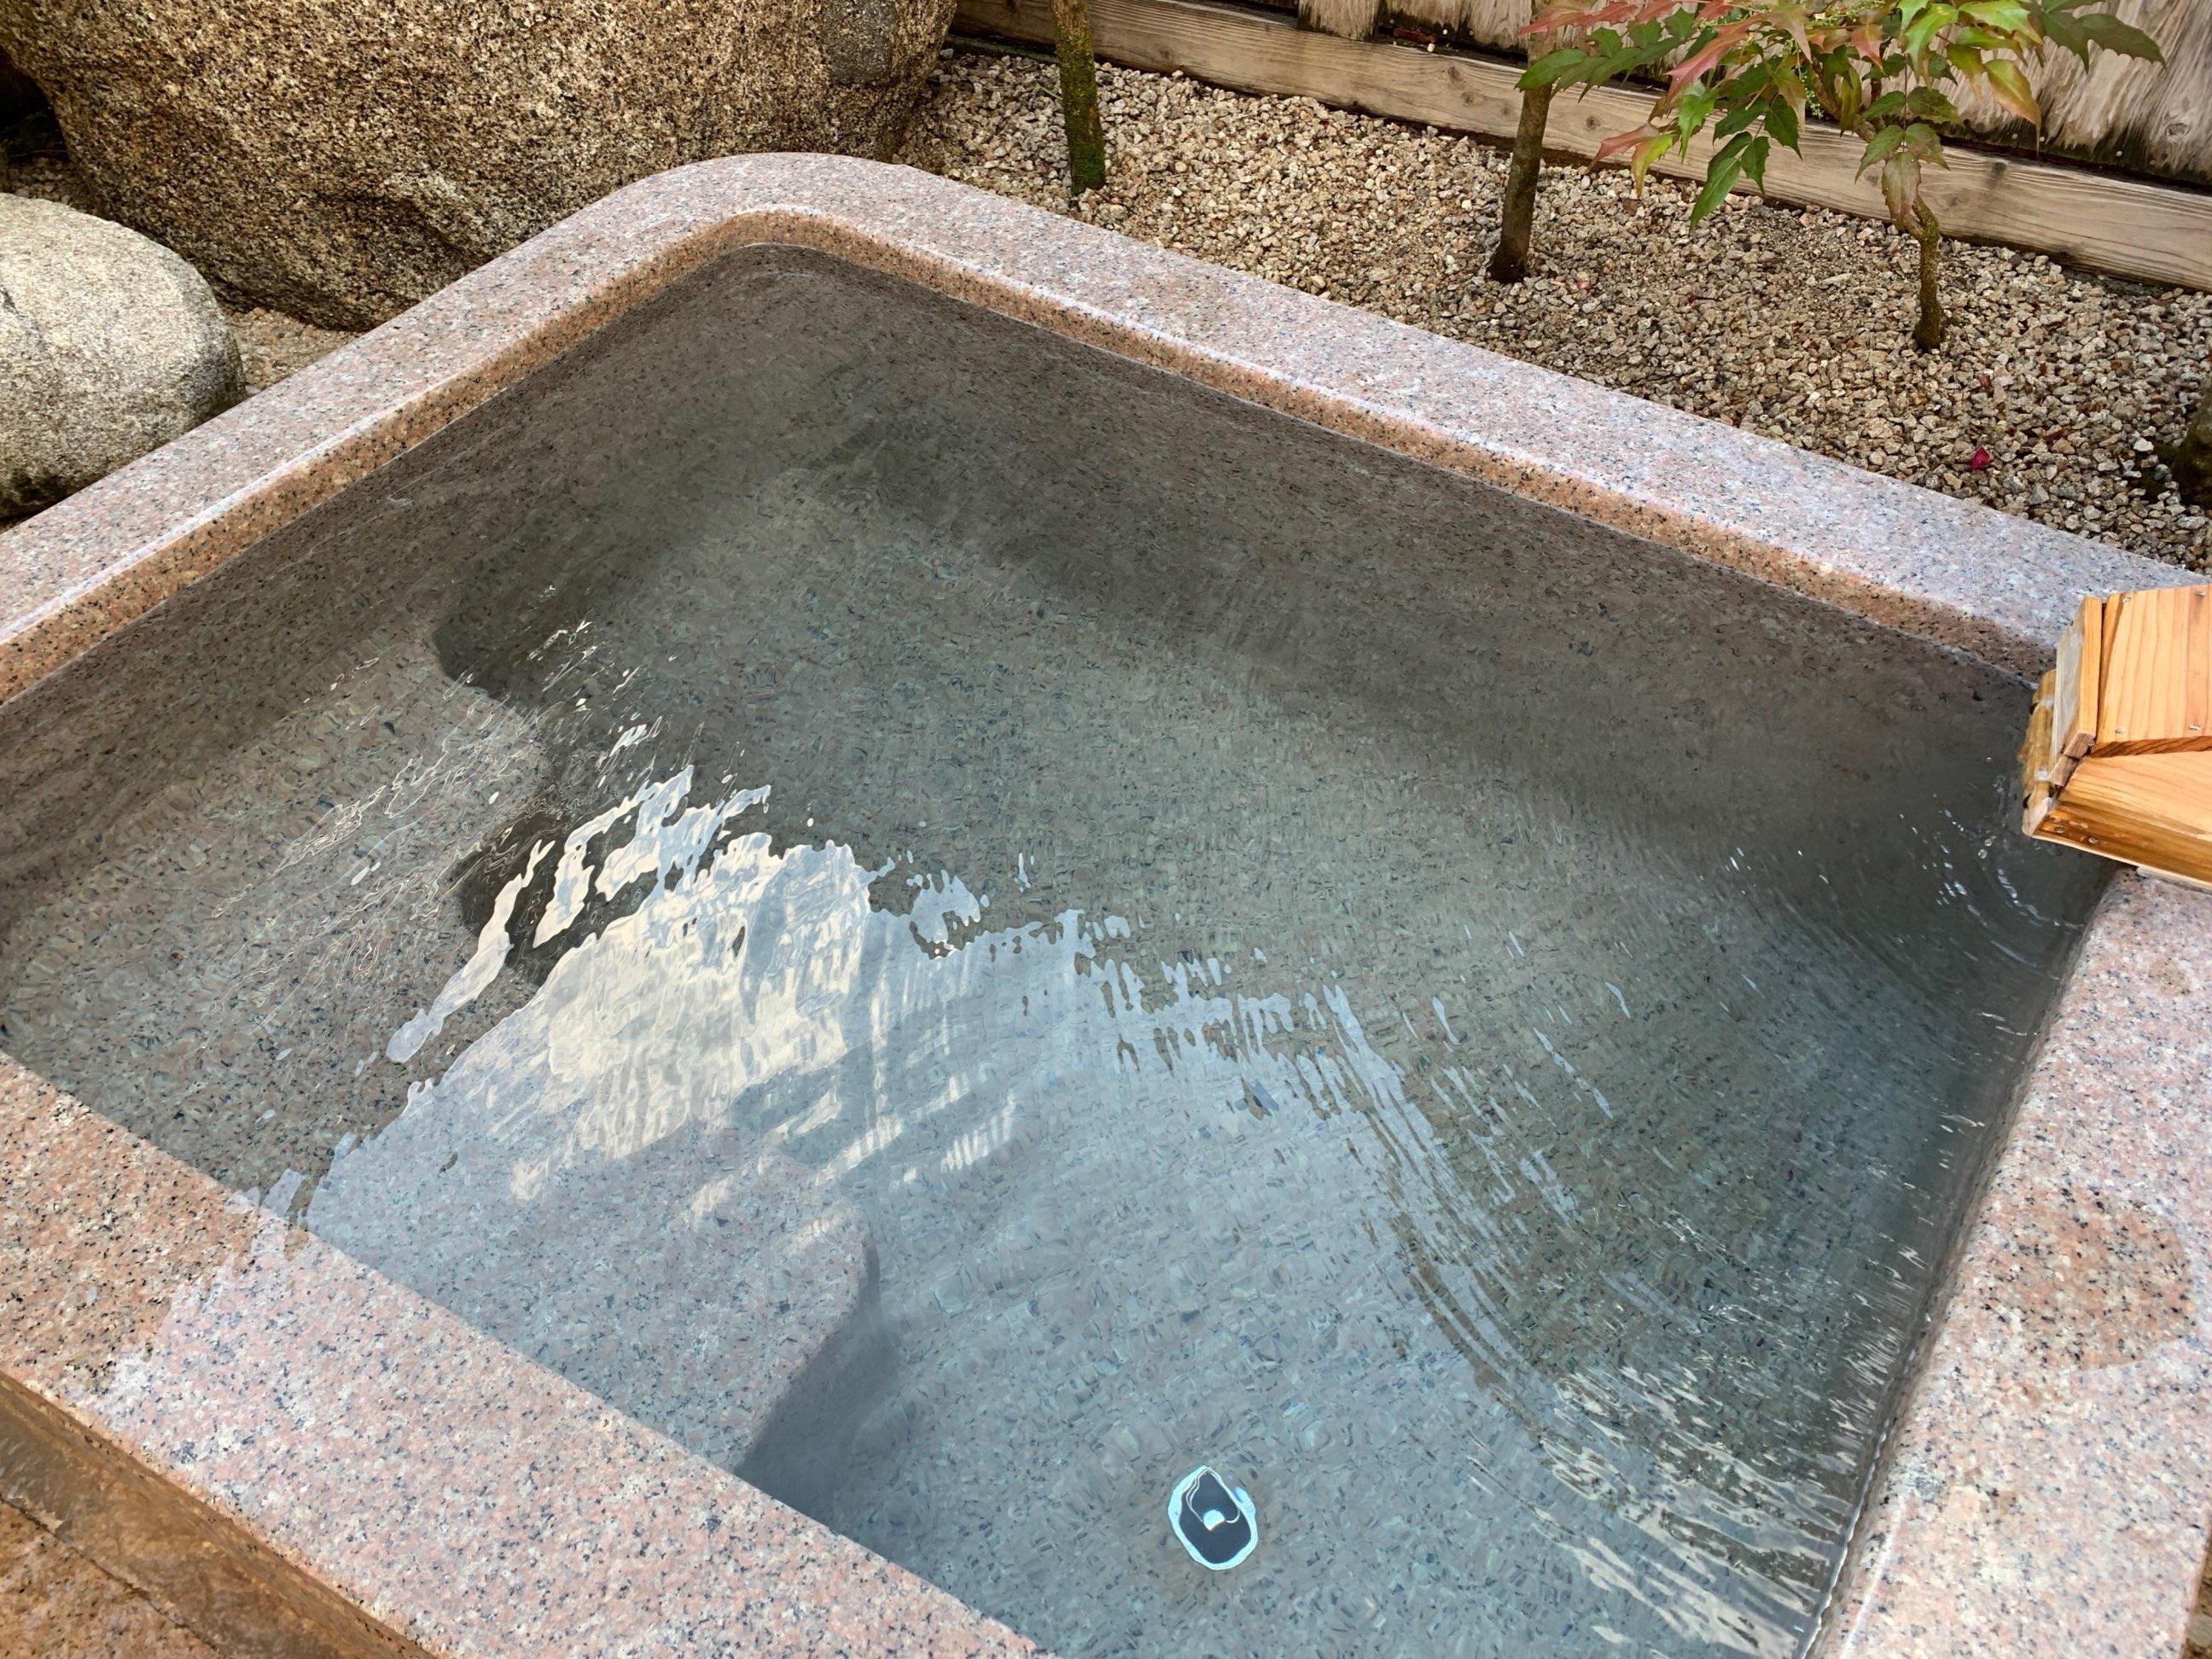 【平山温泉・湯の川】10種類の貸切温泉が楽しめる@温みくじ・料金・営業時間